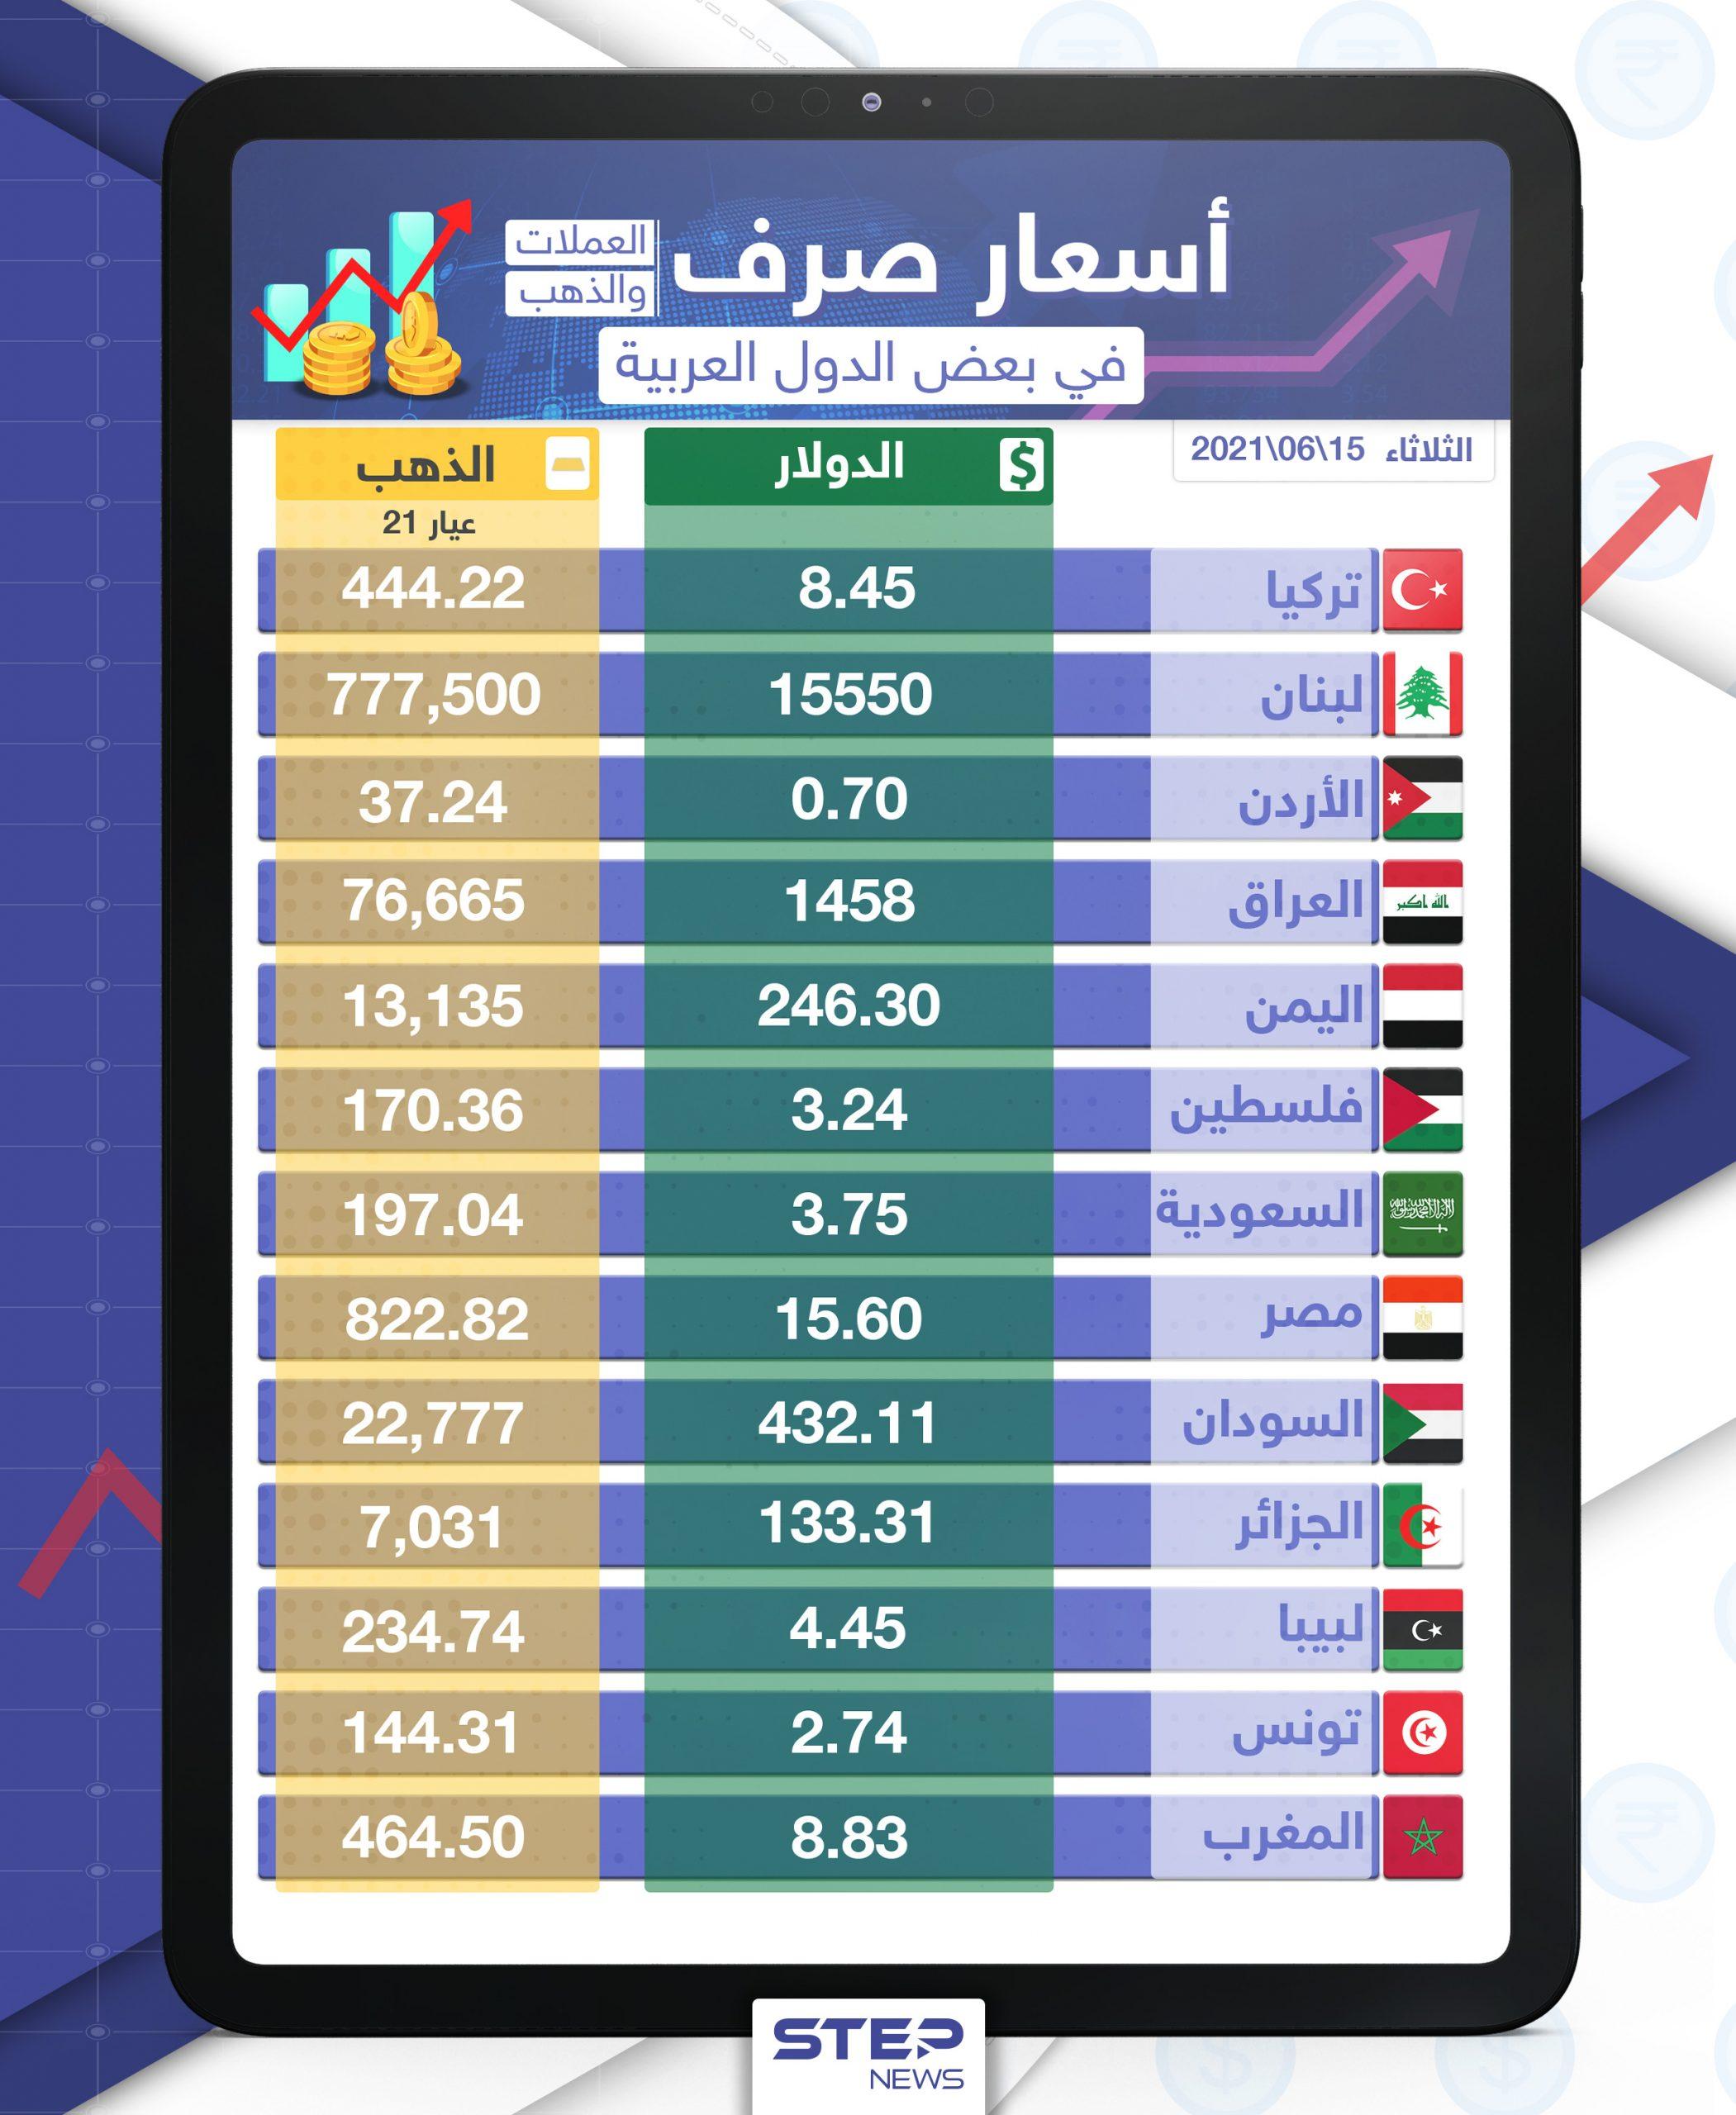 أسعار الذهب والعملات للدول العربية وتركيا اليوم الثلاثاء الموافق 15 حزيران 2021